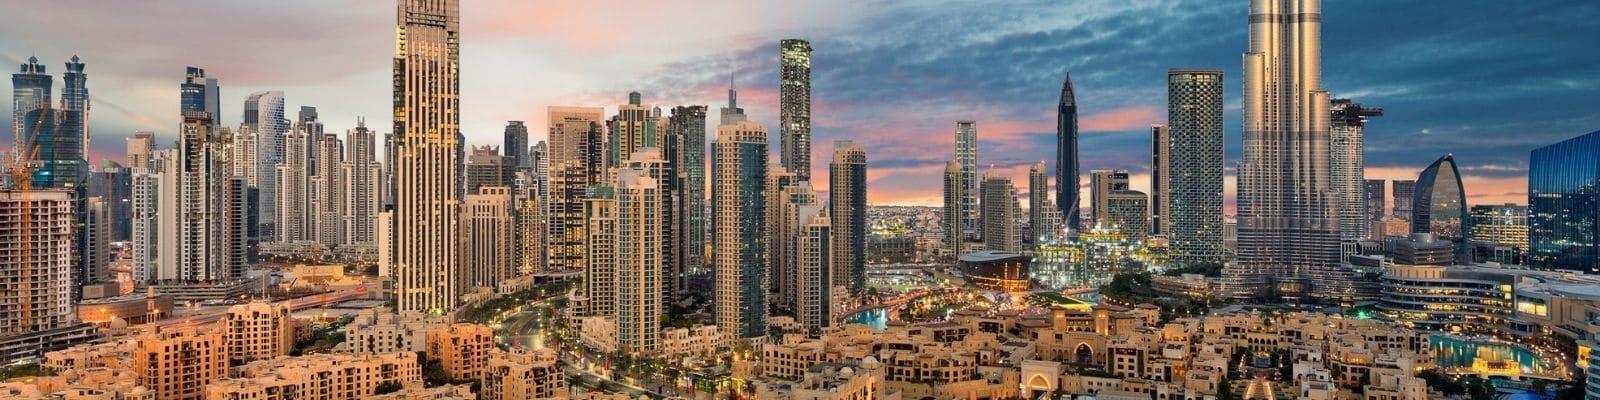 digital-marketing-courses-in-UAE.jpg